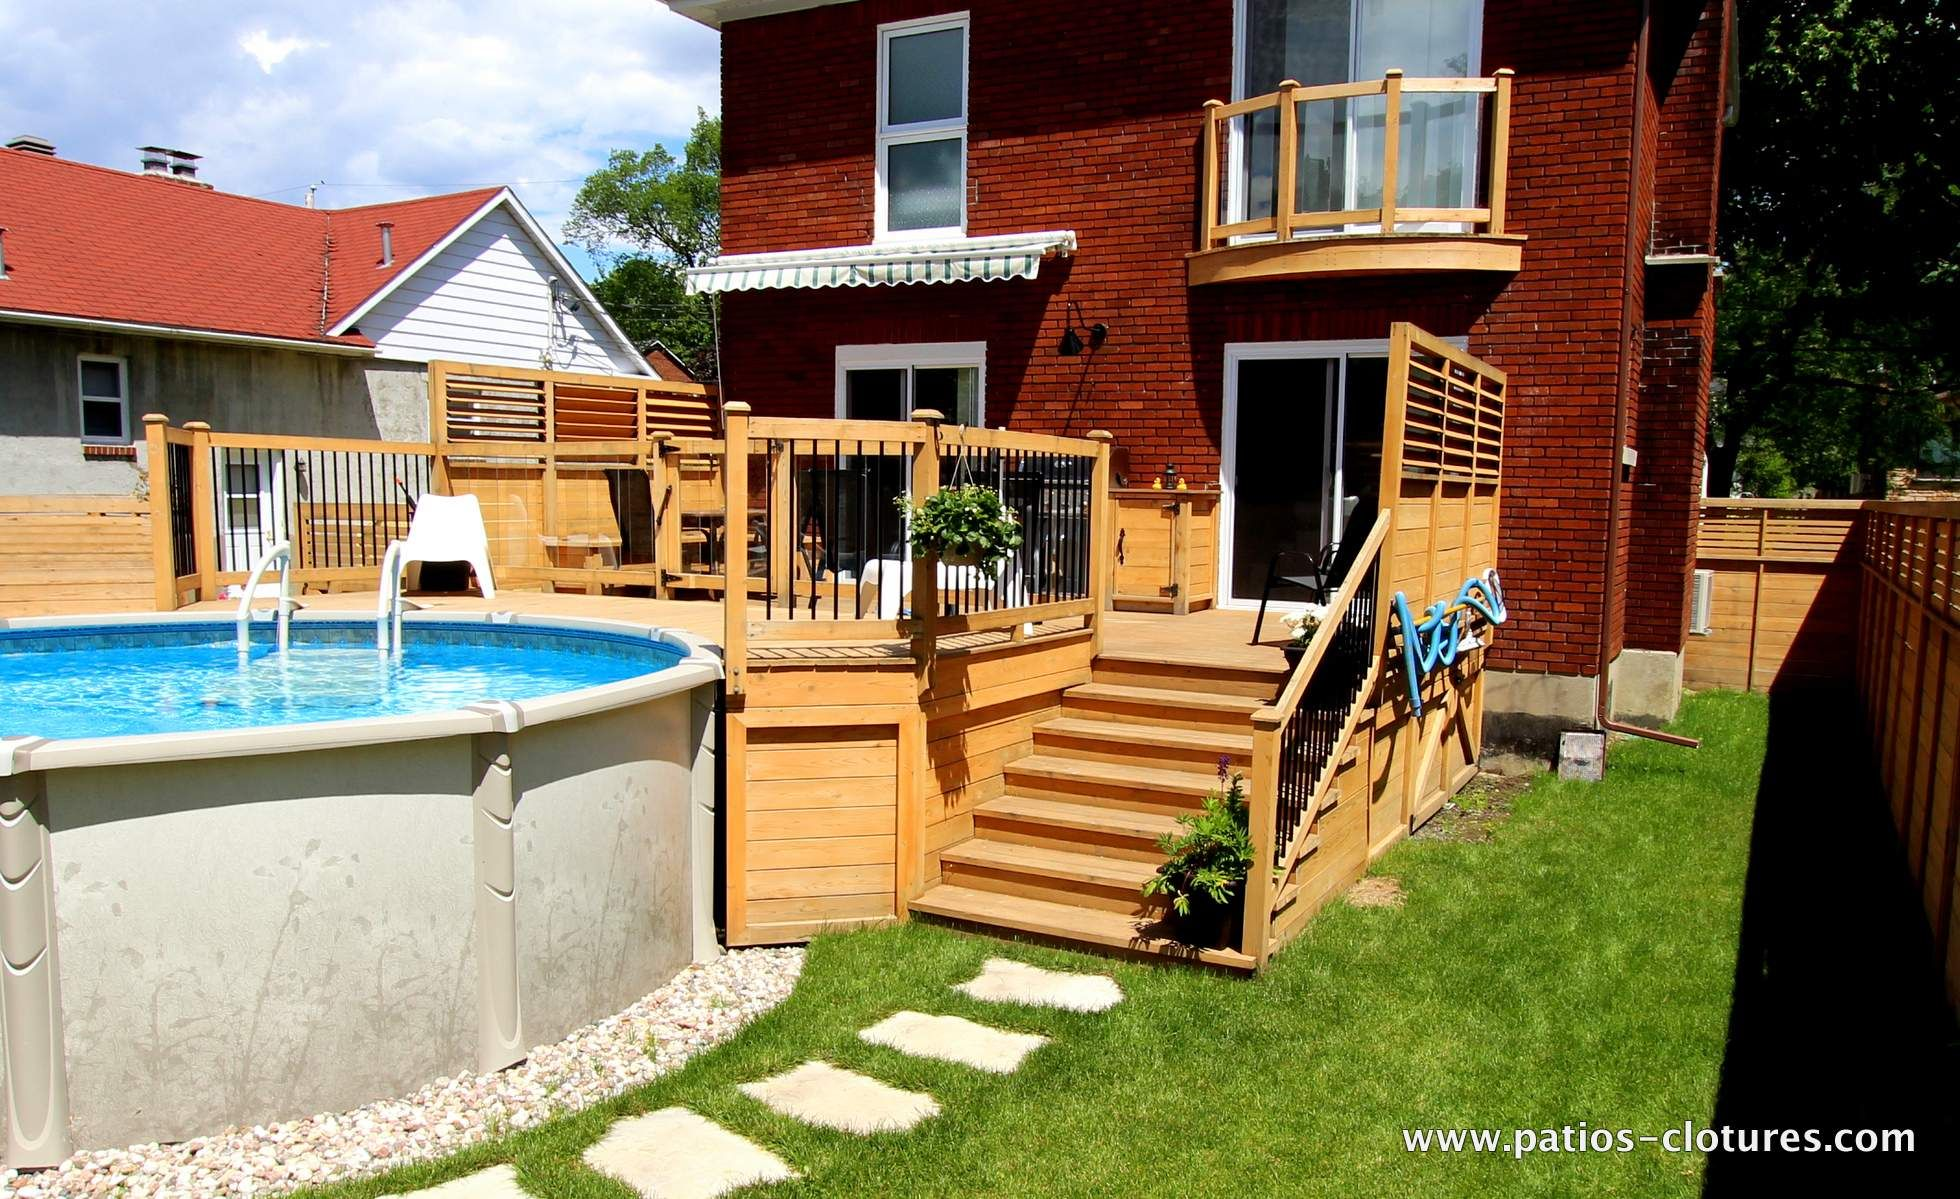 Patio la france avec images amenagement piscine hors - Amenagement terrasse piscine ...